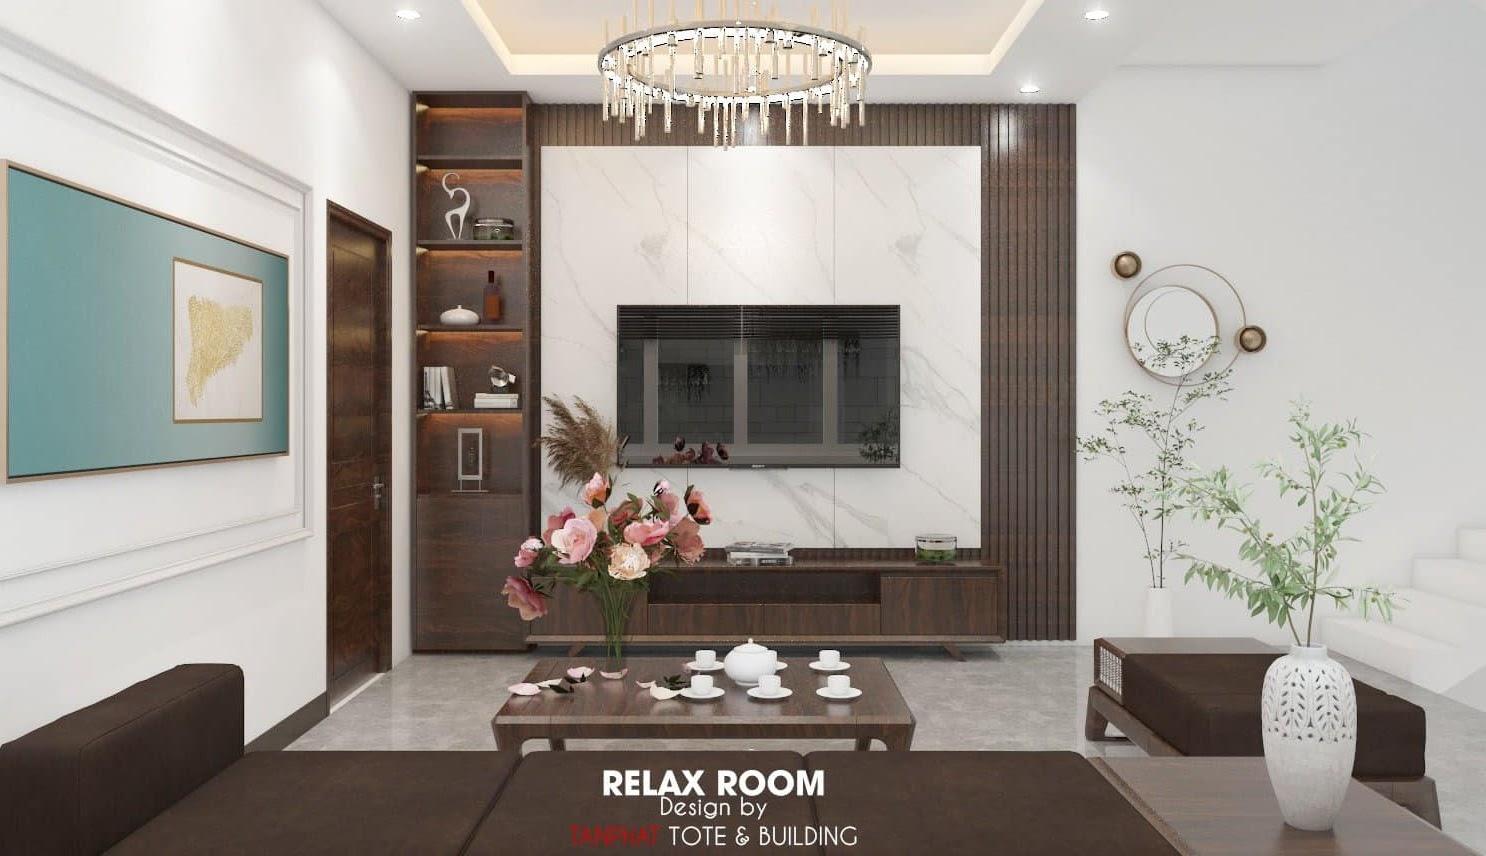 thiết kế nội thất căn hộ Quy Nhơn hiện đại